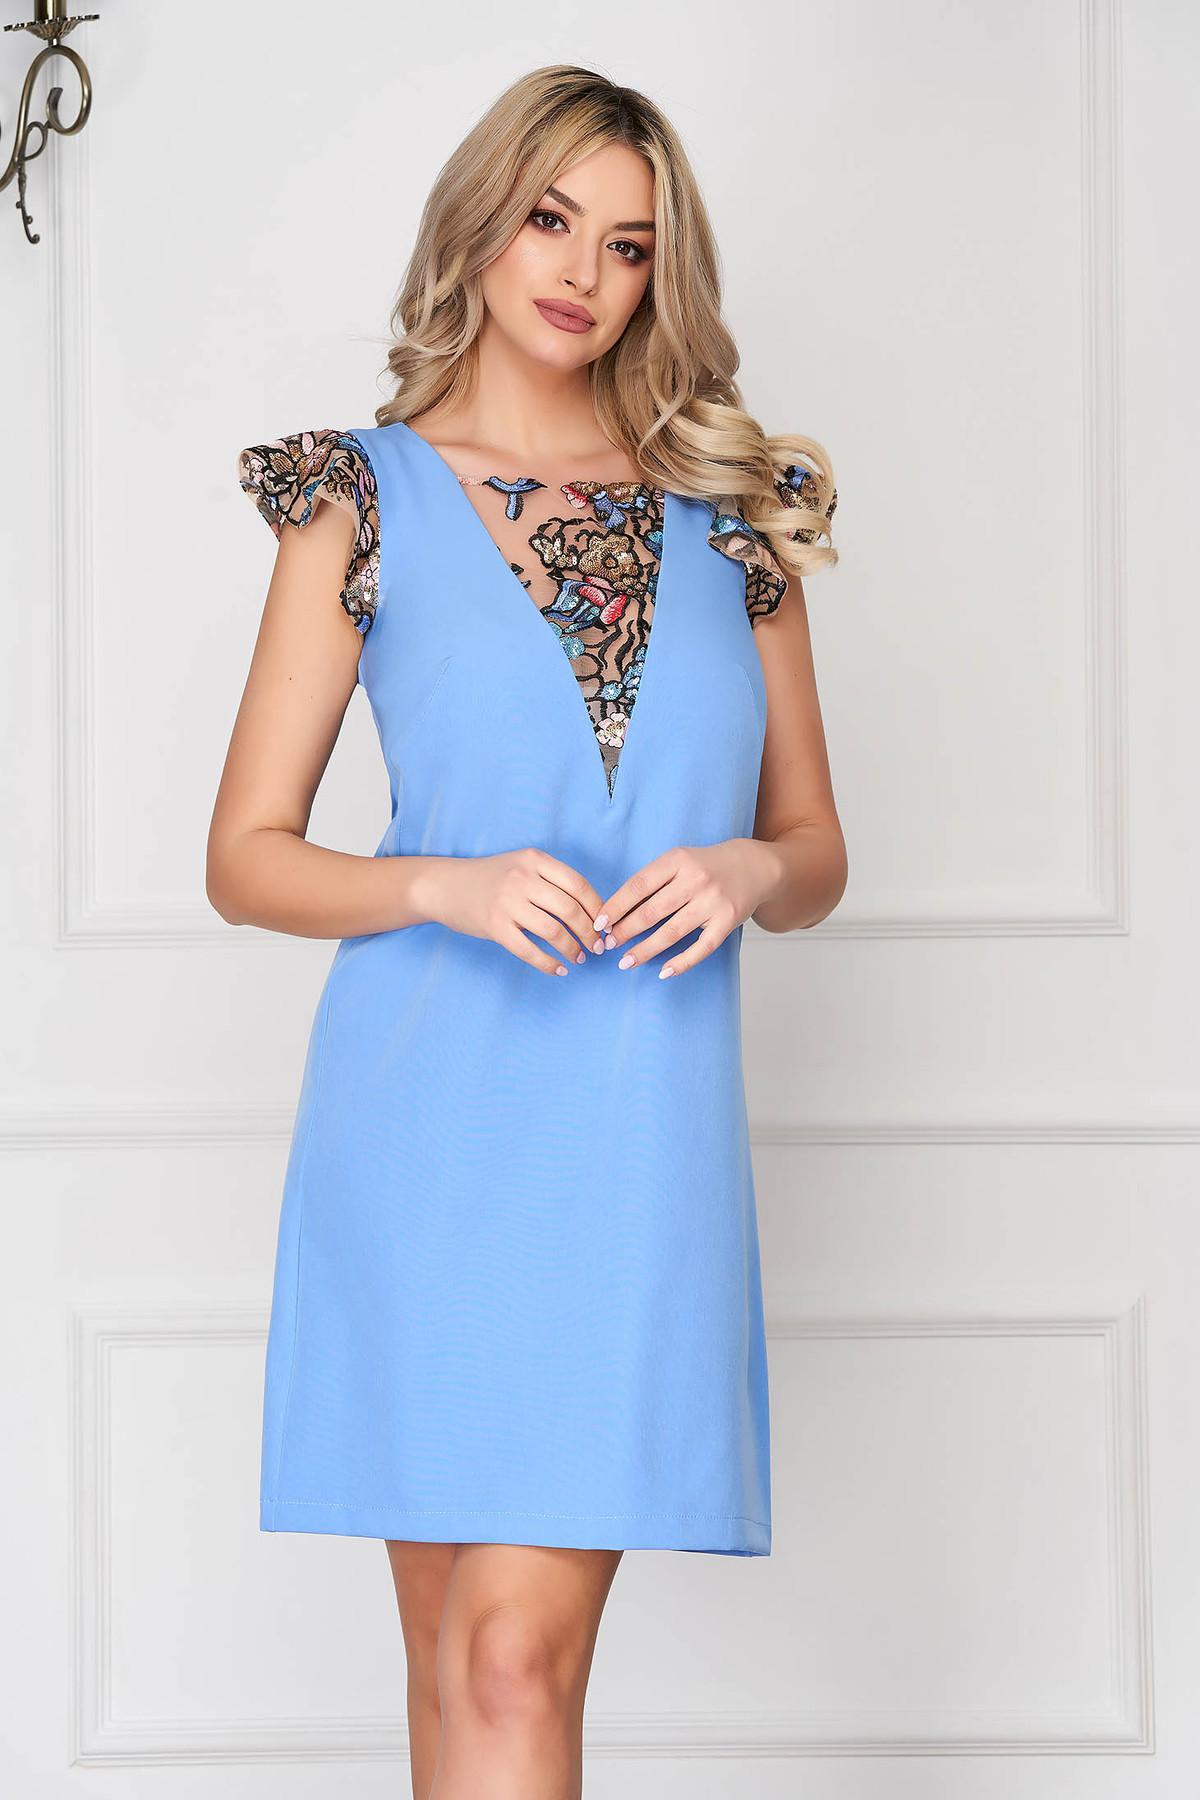 Rochie StarShinerS albastra scurta eleganta din stofa cu un croi drept cu maneci tip fluture cu aplicatii cu paiete si broderie